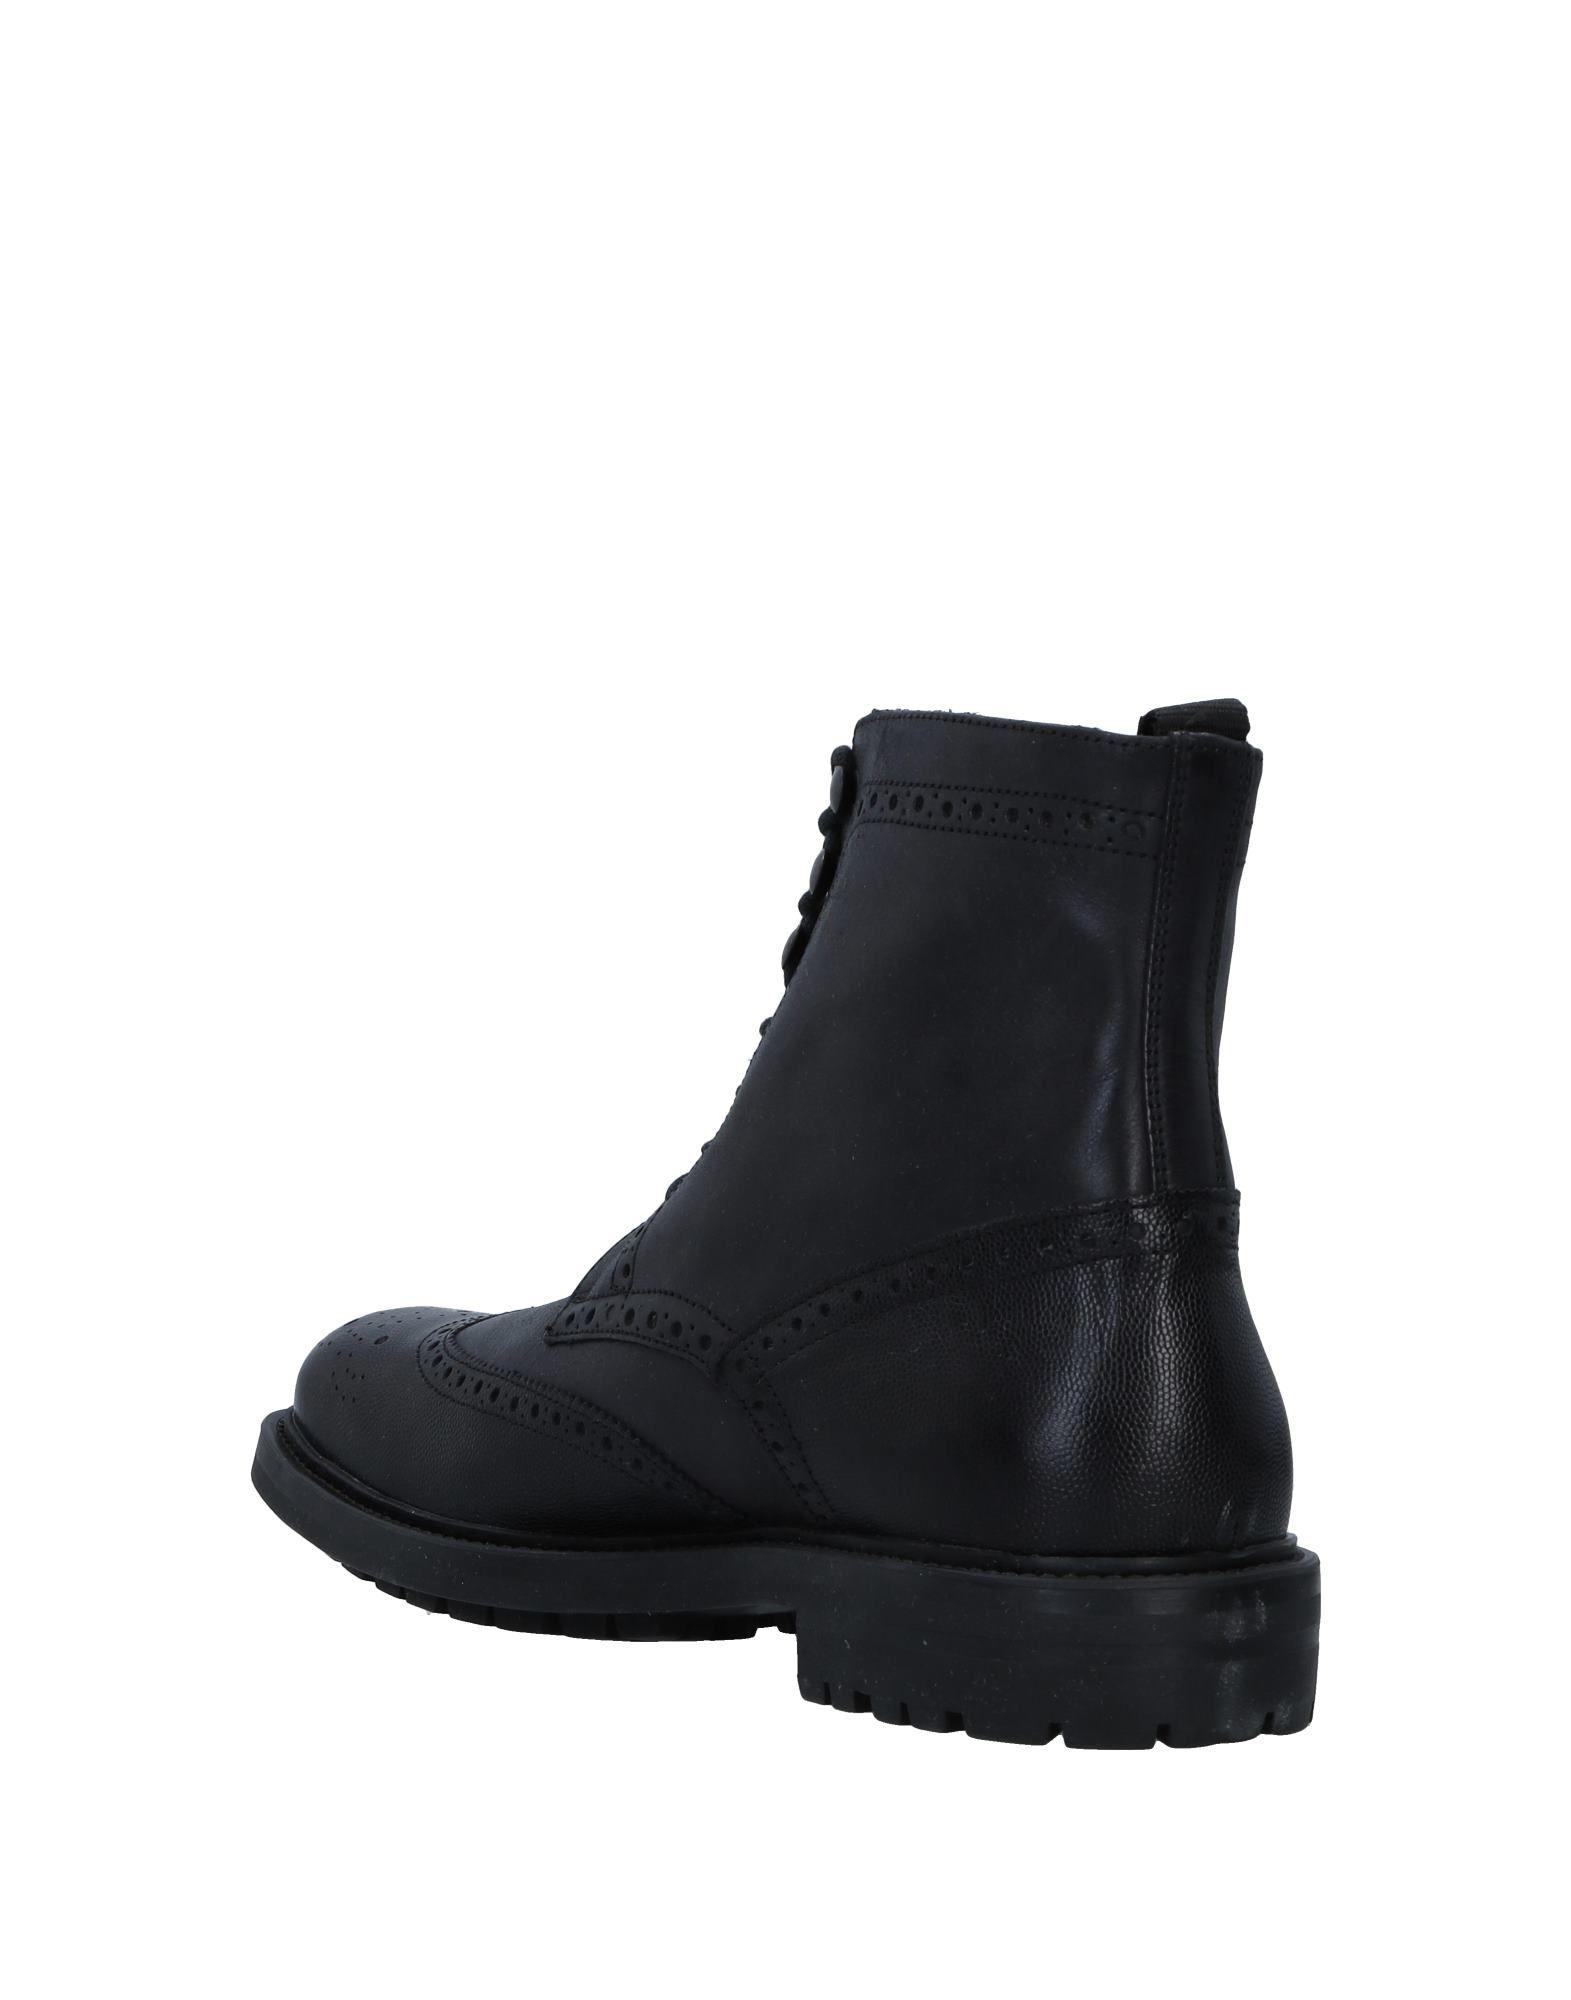 Rabatt Schuhe echte Schuhe Rabatt Antica Cuoieria Stiefelette Herren  11531943VA 2090f2